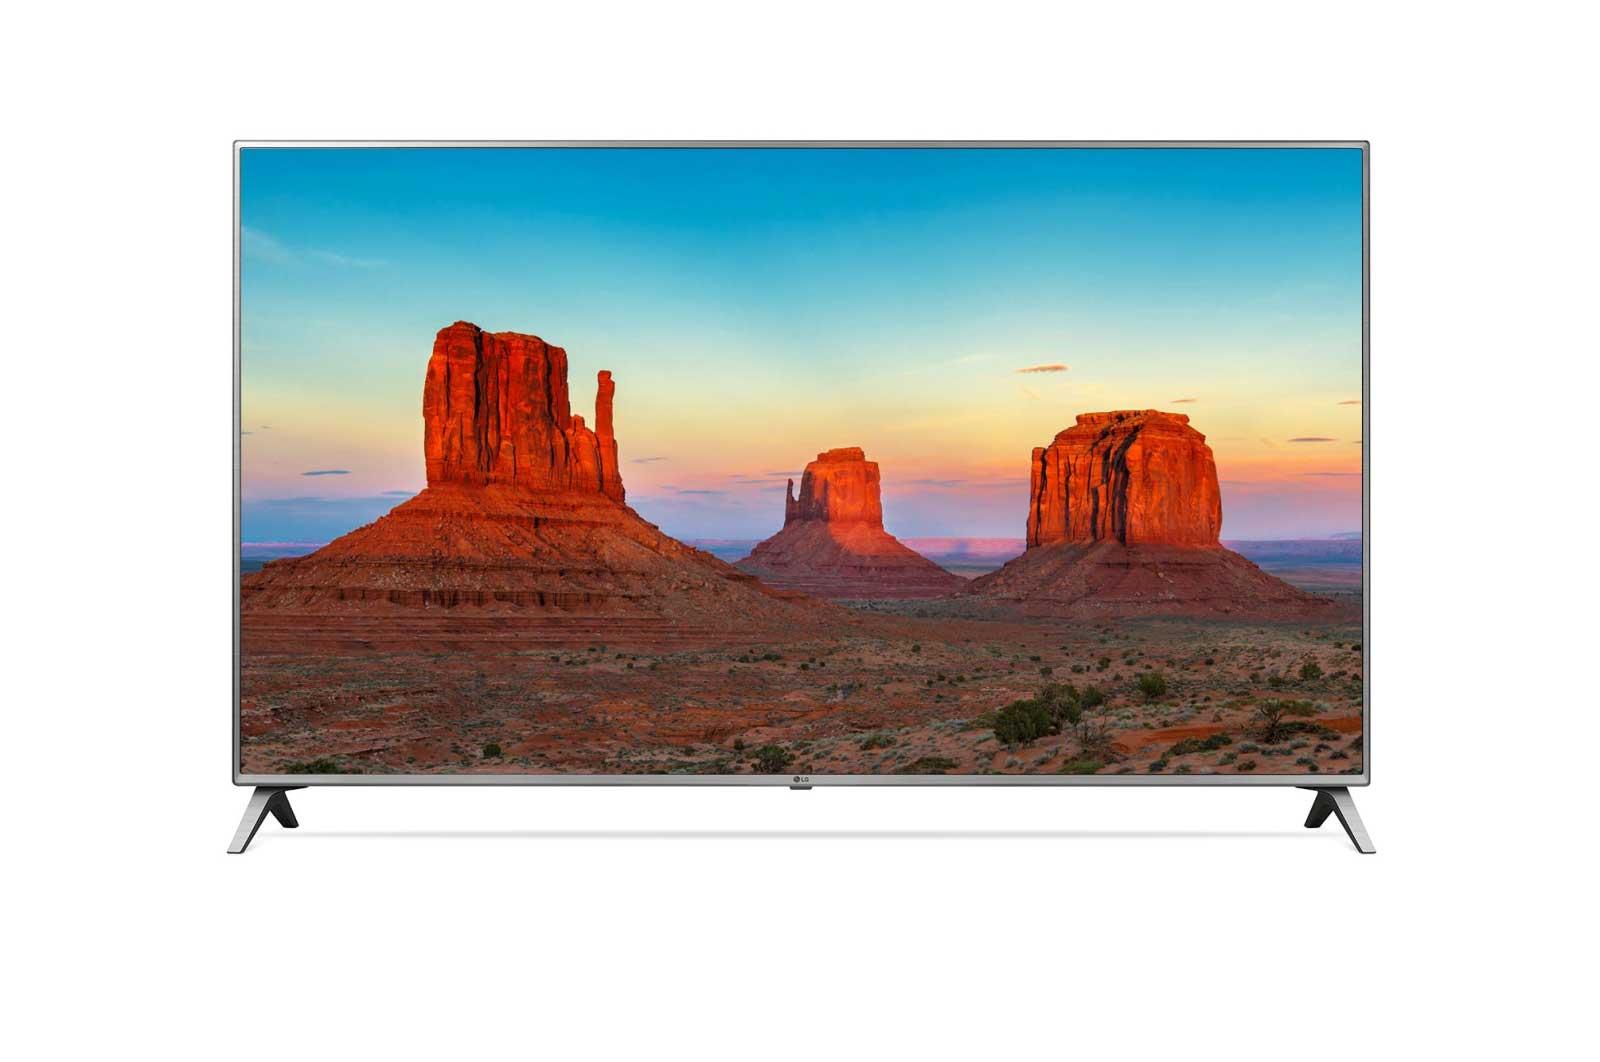 قیمت تلویزیون 70 اینچ و 4K ال جی مدل 70UK7000